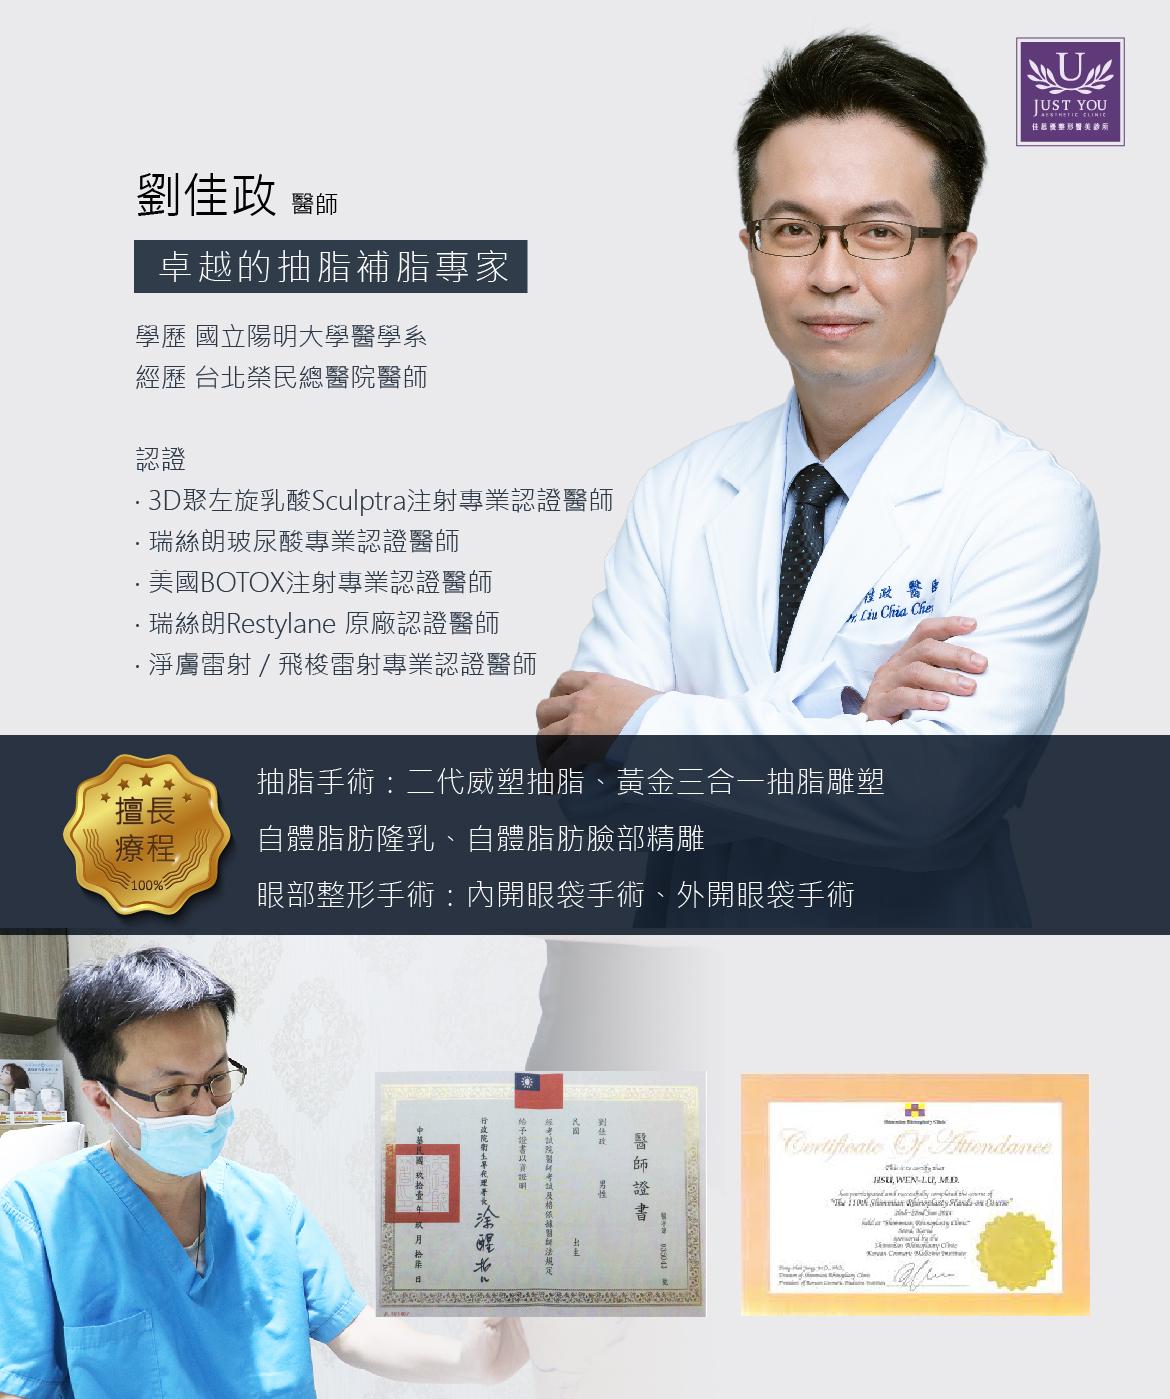 威塑抽脂手術-劉佳政 醫師